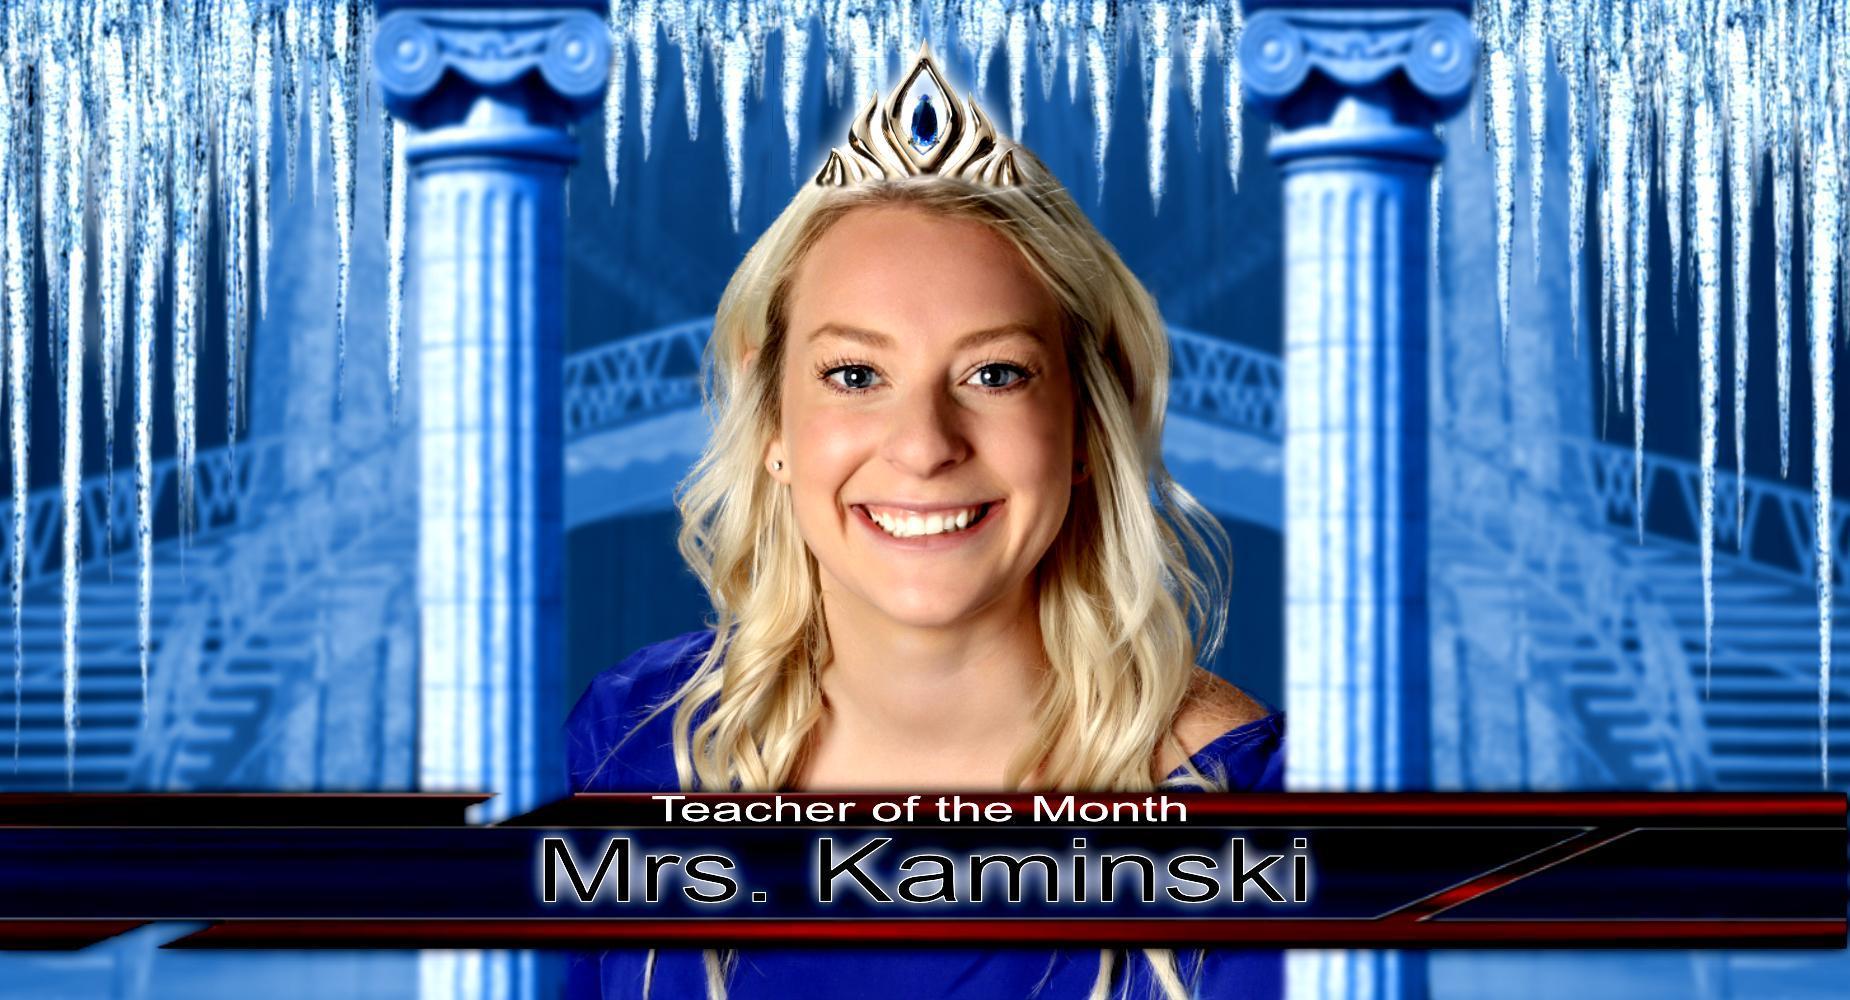 Teacher of the Month - Mrs. Kaminski